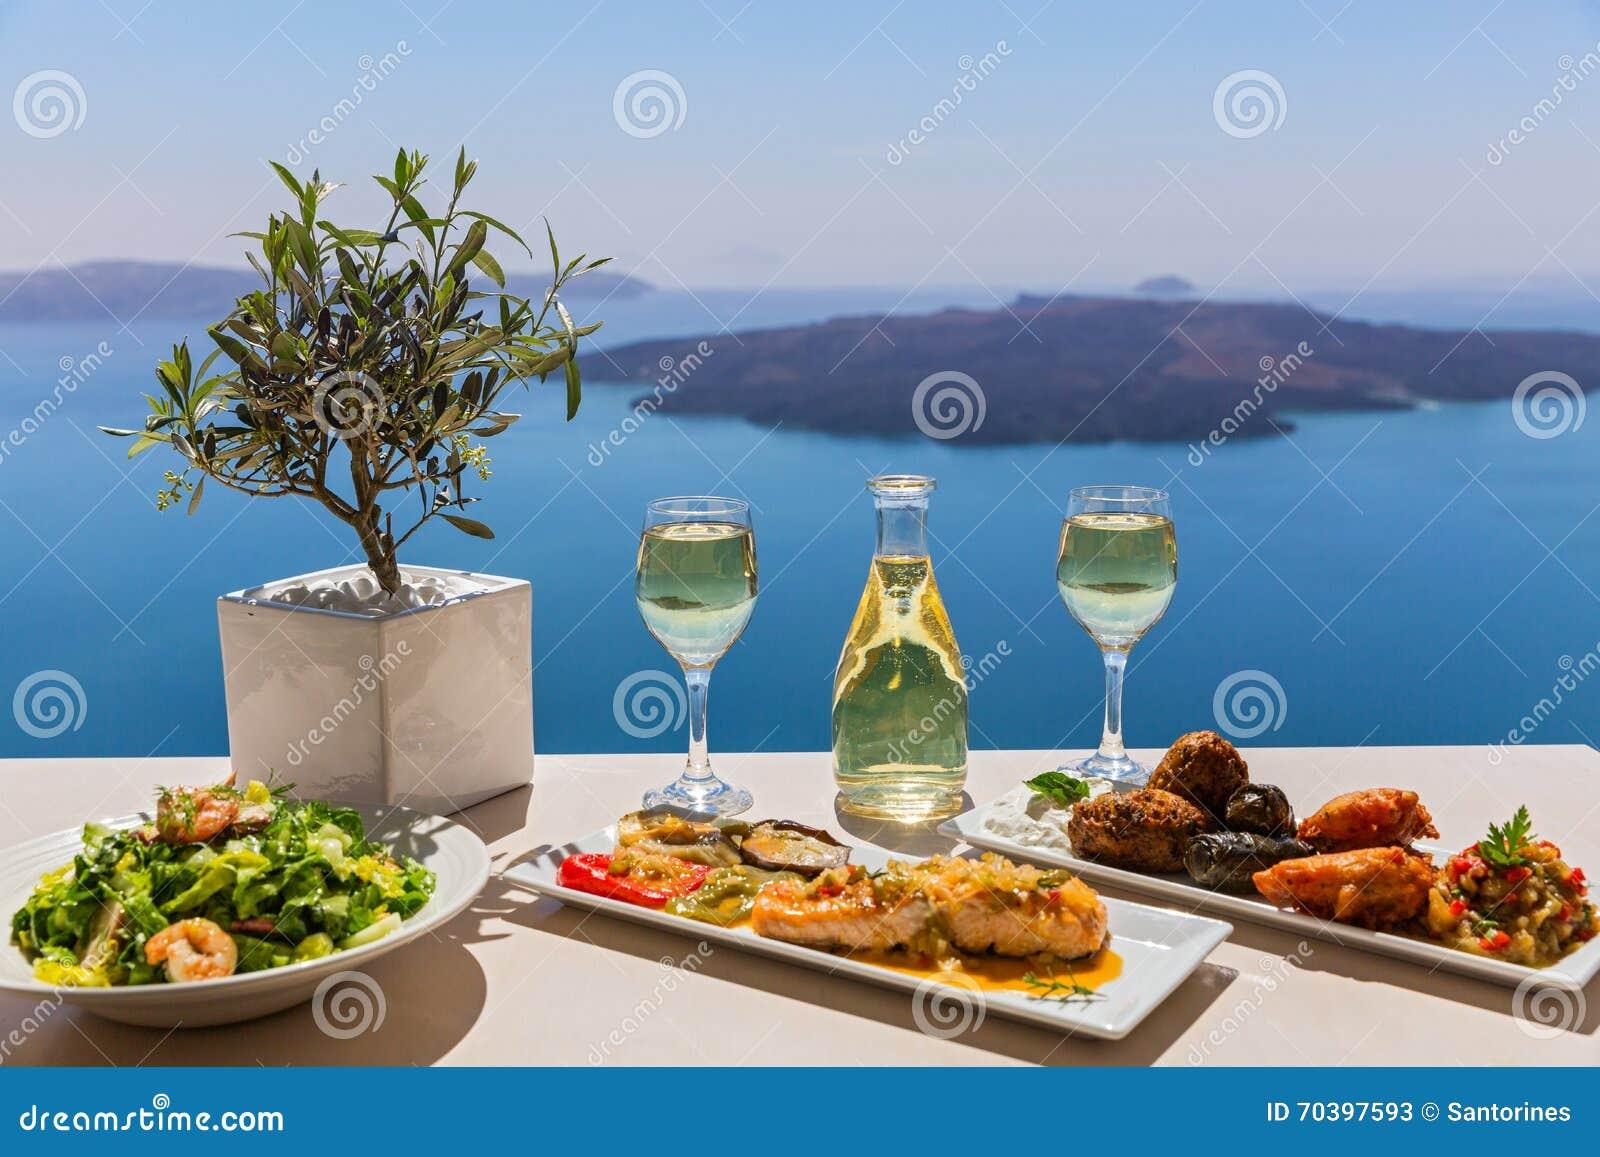 Almuerzo y vino por el mar